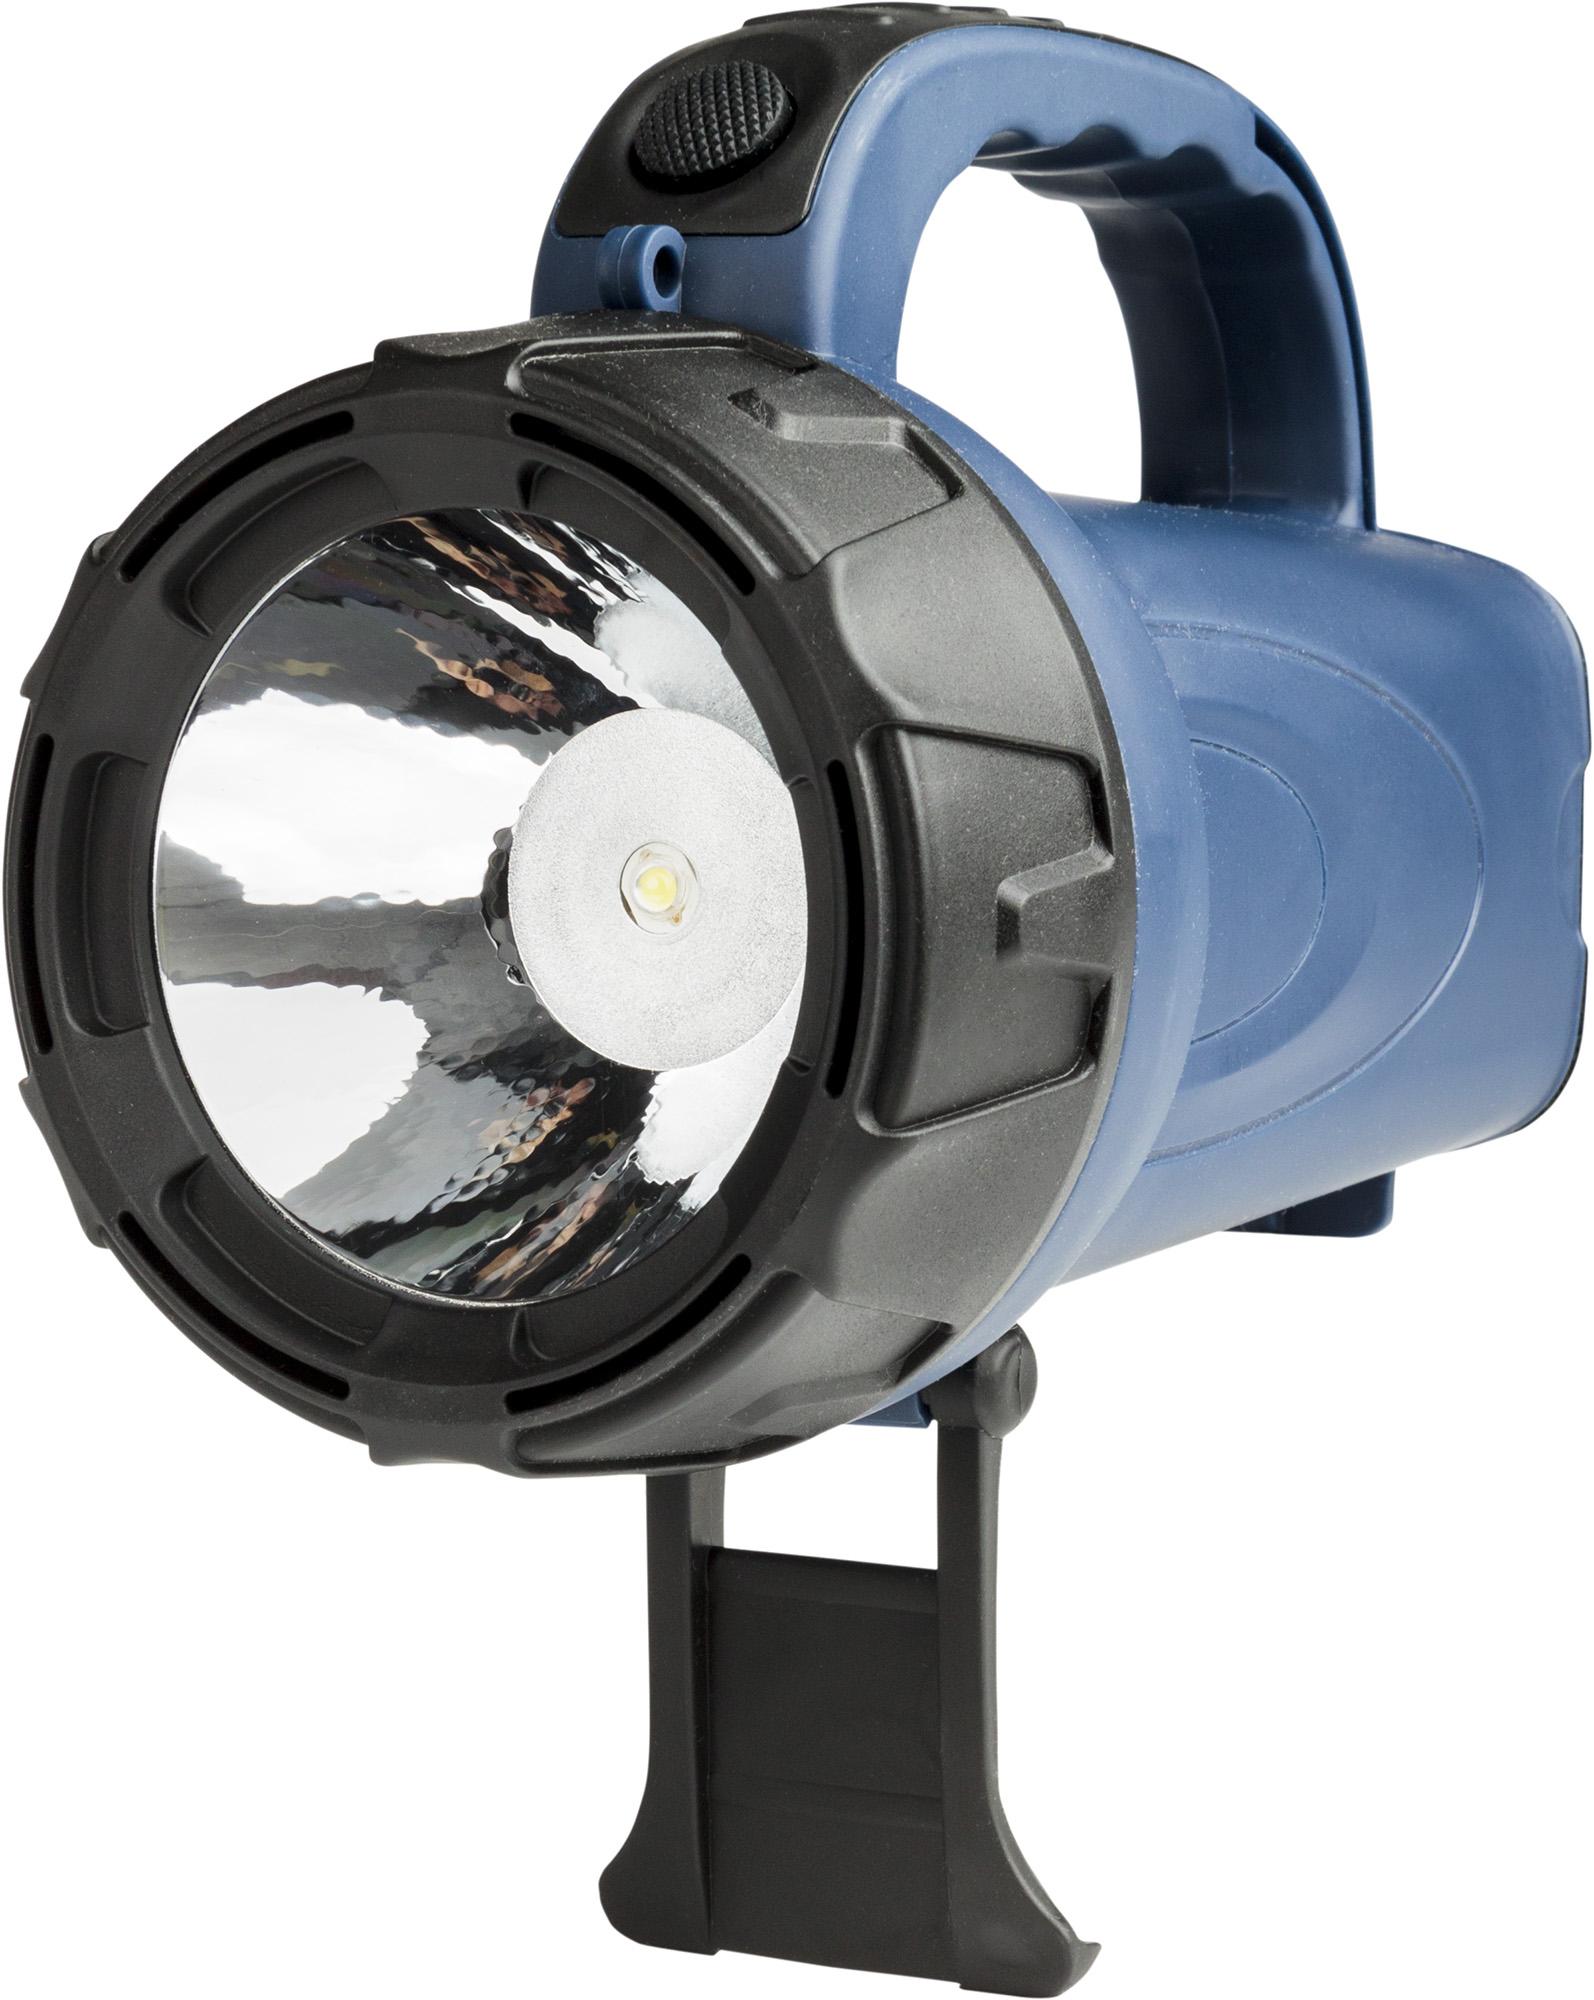 Nabíjecí svítilna SO. WN16, 1x3W LED, černomodrá